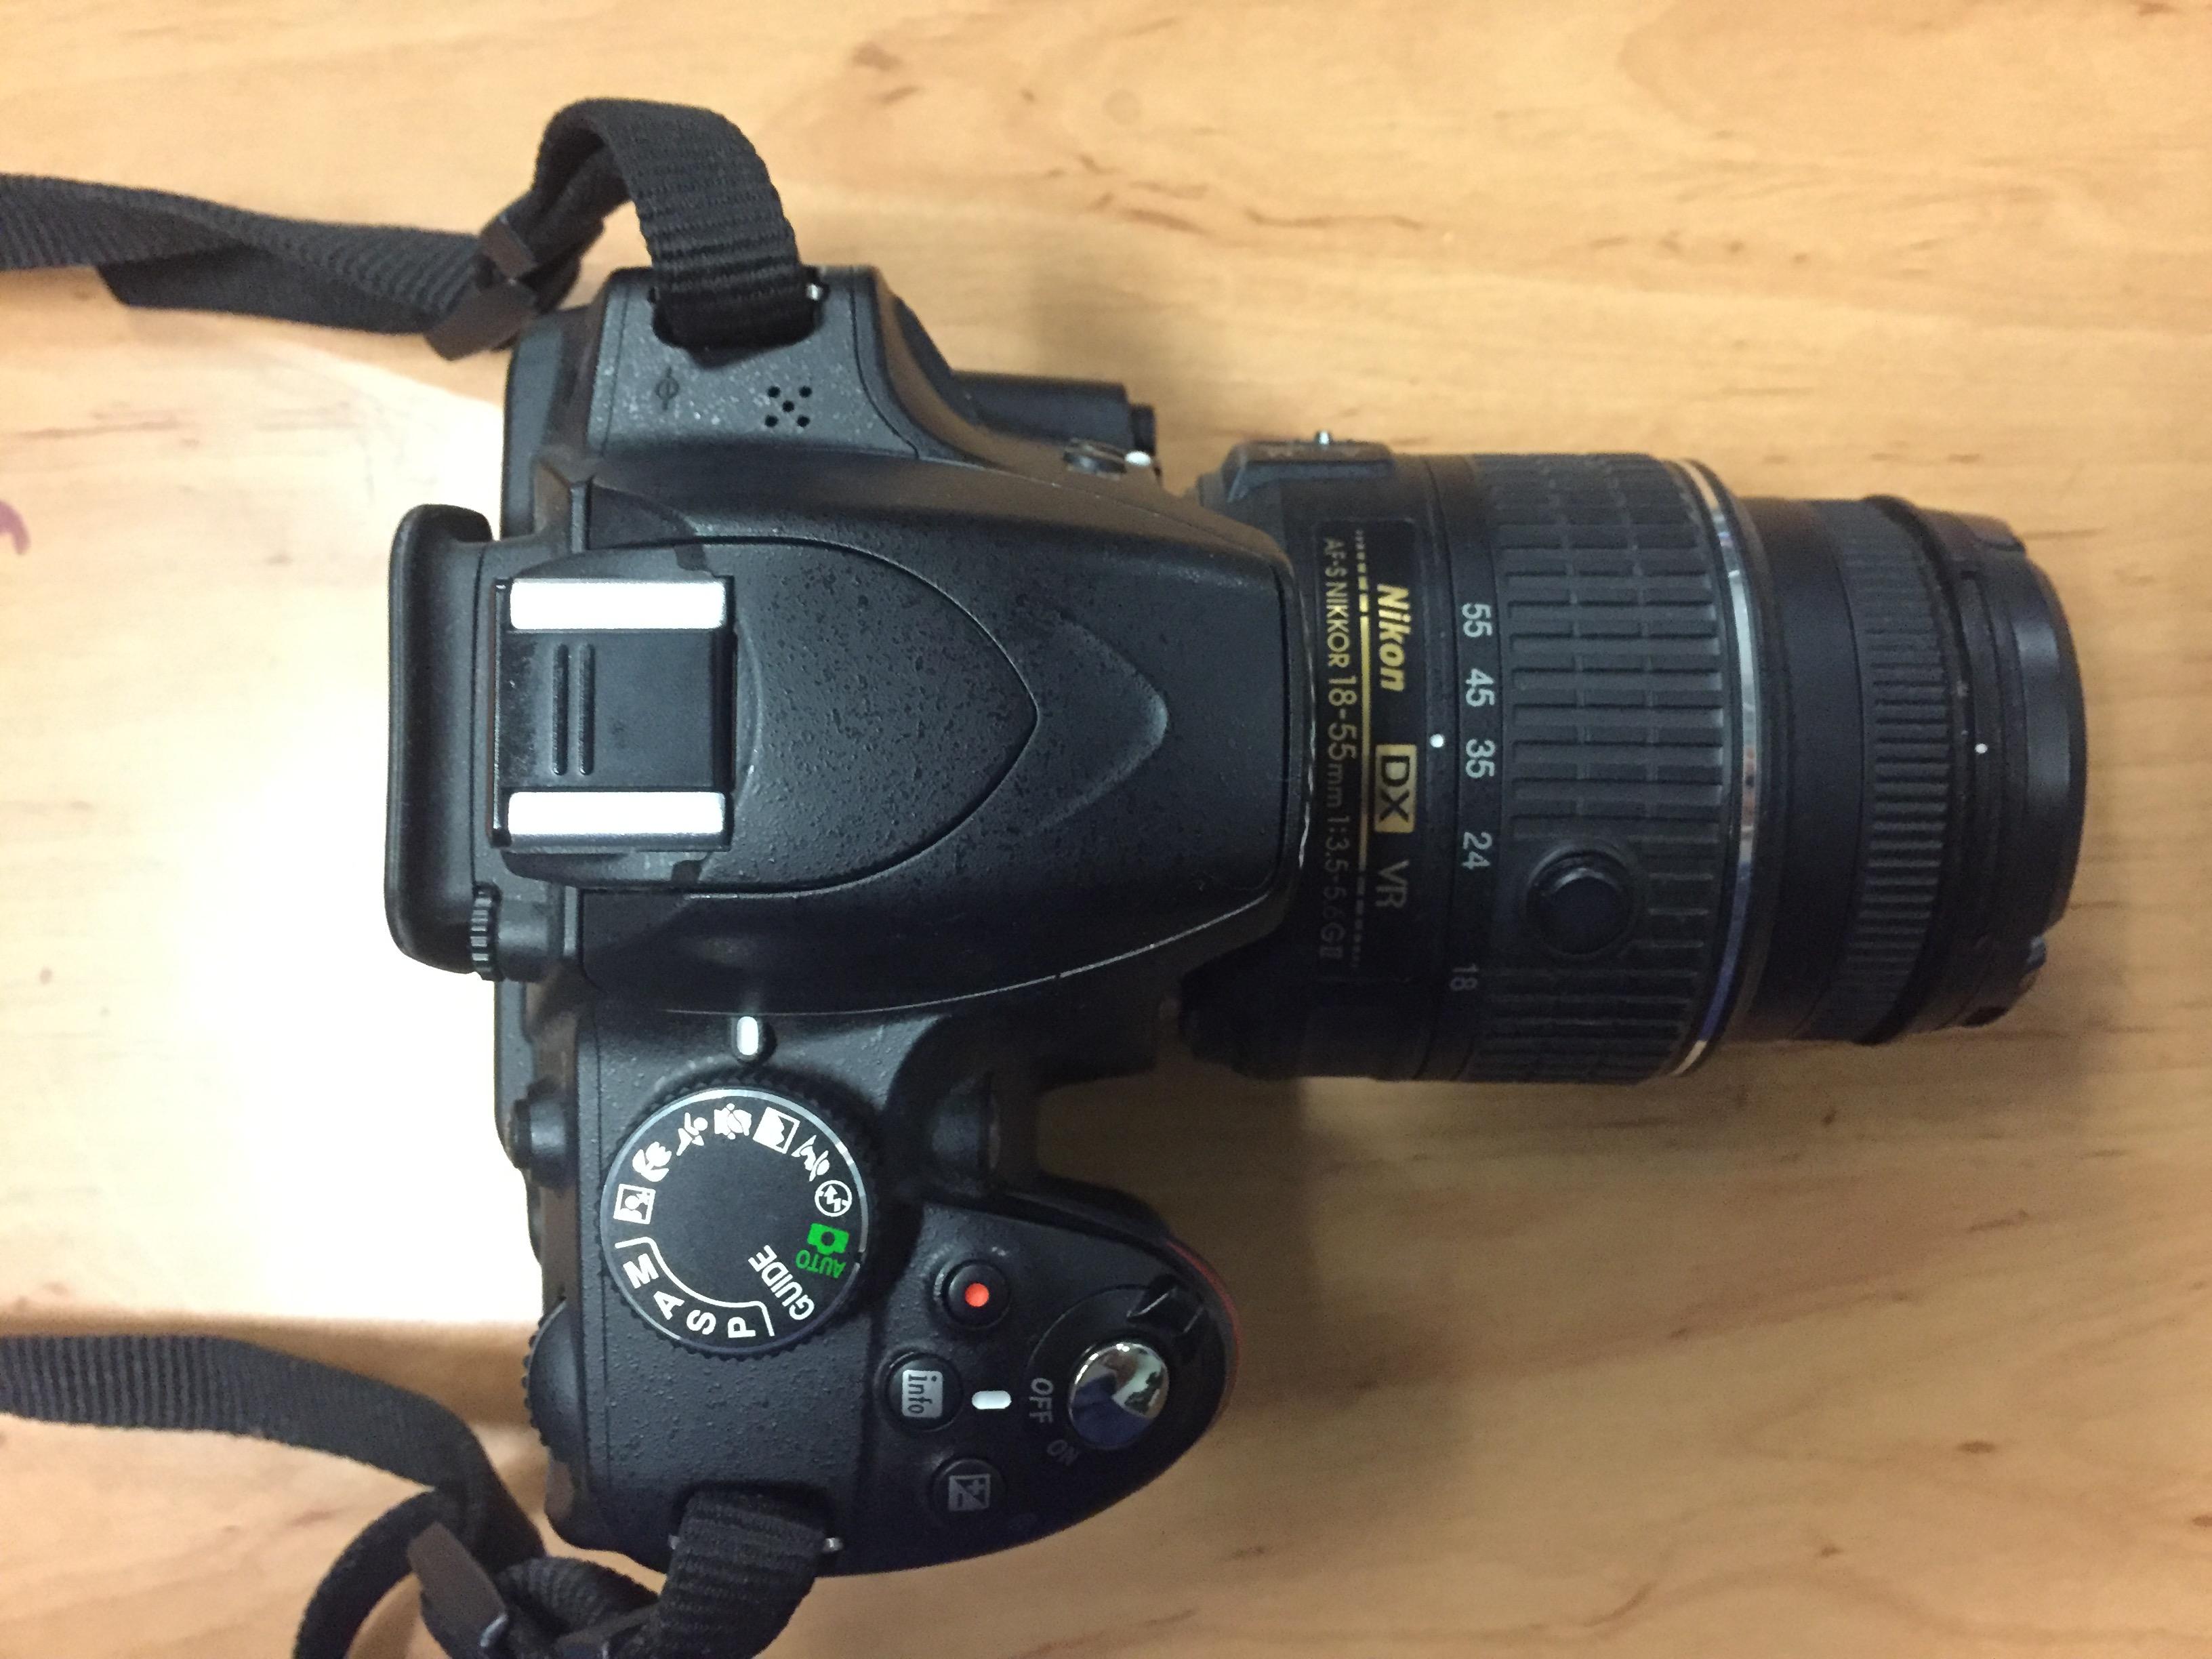 Chwalebne Lustrzanka NIKON D3200 +obiektyw Nikon Nikkor DX VR AF-S 18-55 QW58